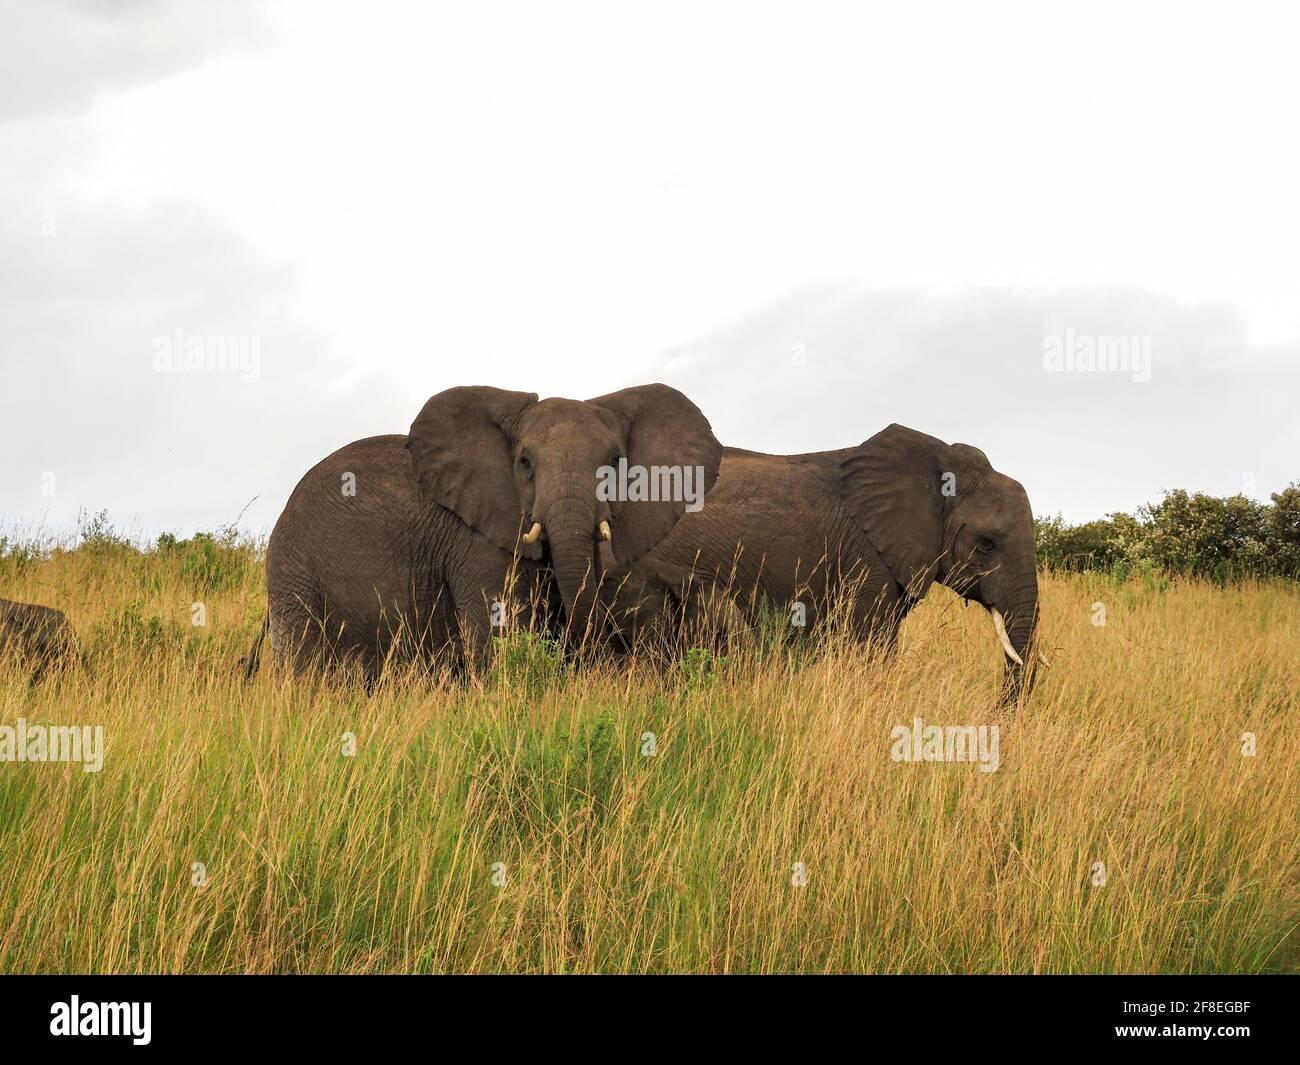 Masaai Mara, Kenya, Afrique - 26 février 2020 : éléphants d'Afrique en herbe sur Safari, réserve de jeux Masaai Mara Banque D'Images